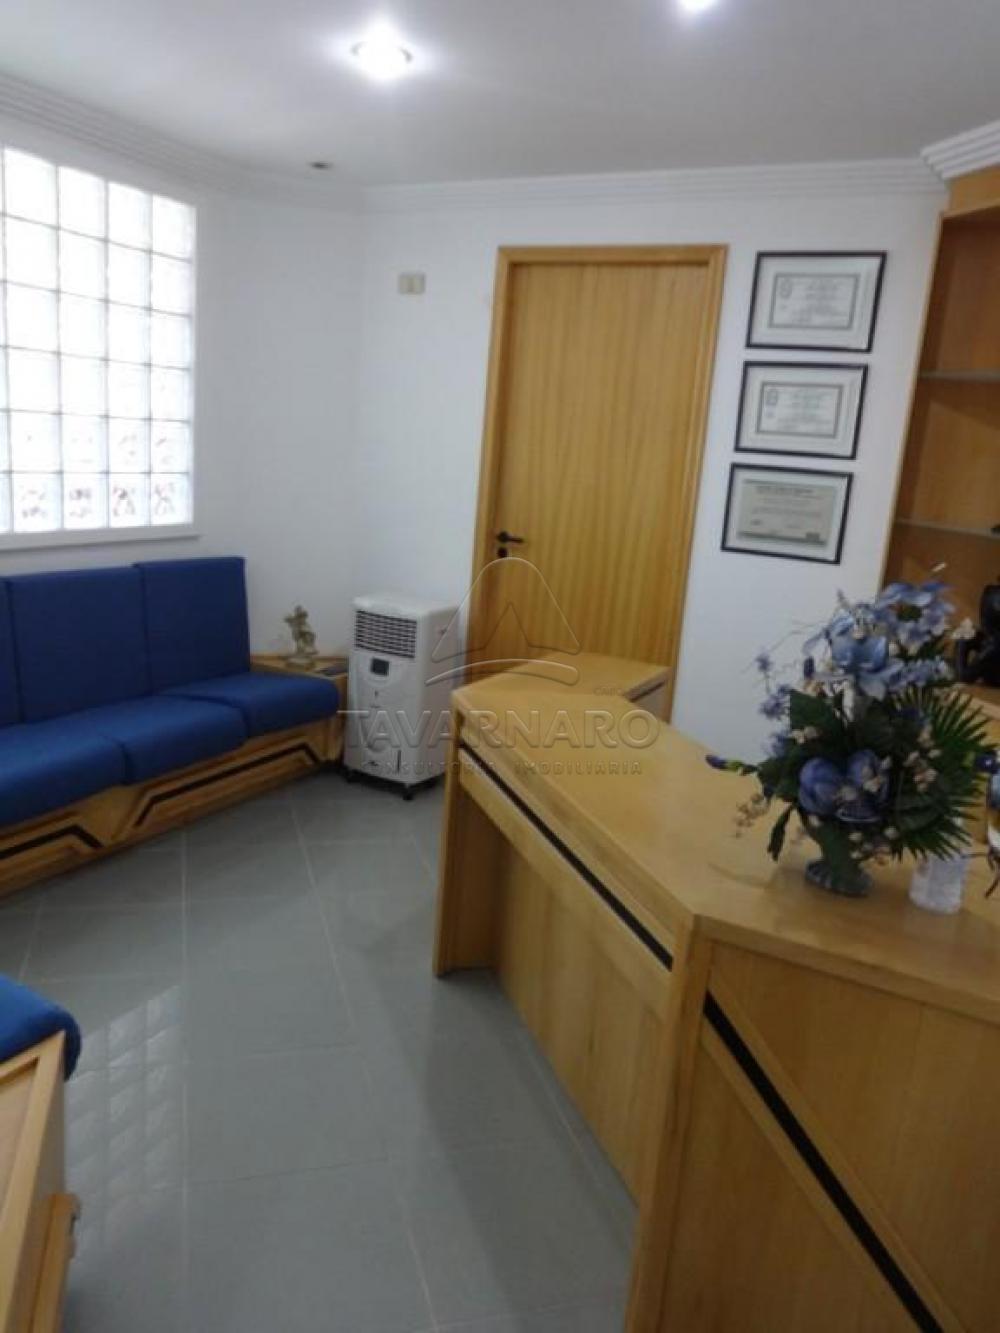 Alugar Comercial / Conjunto em Ponta Grossa apenas R$ 2.549,76 - Foto 2